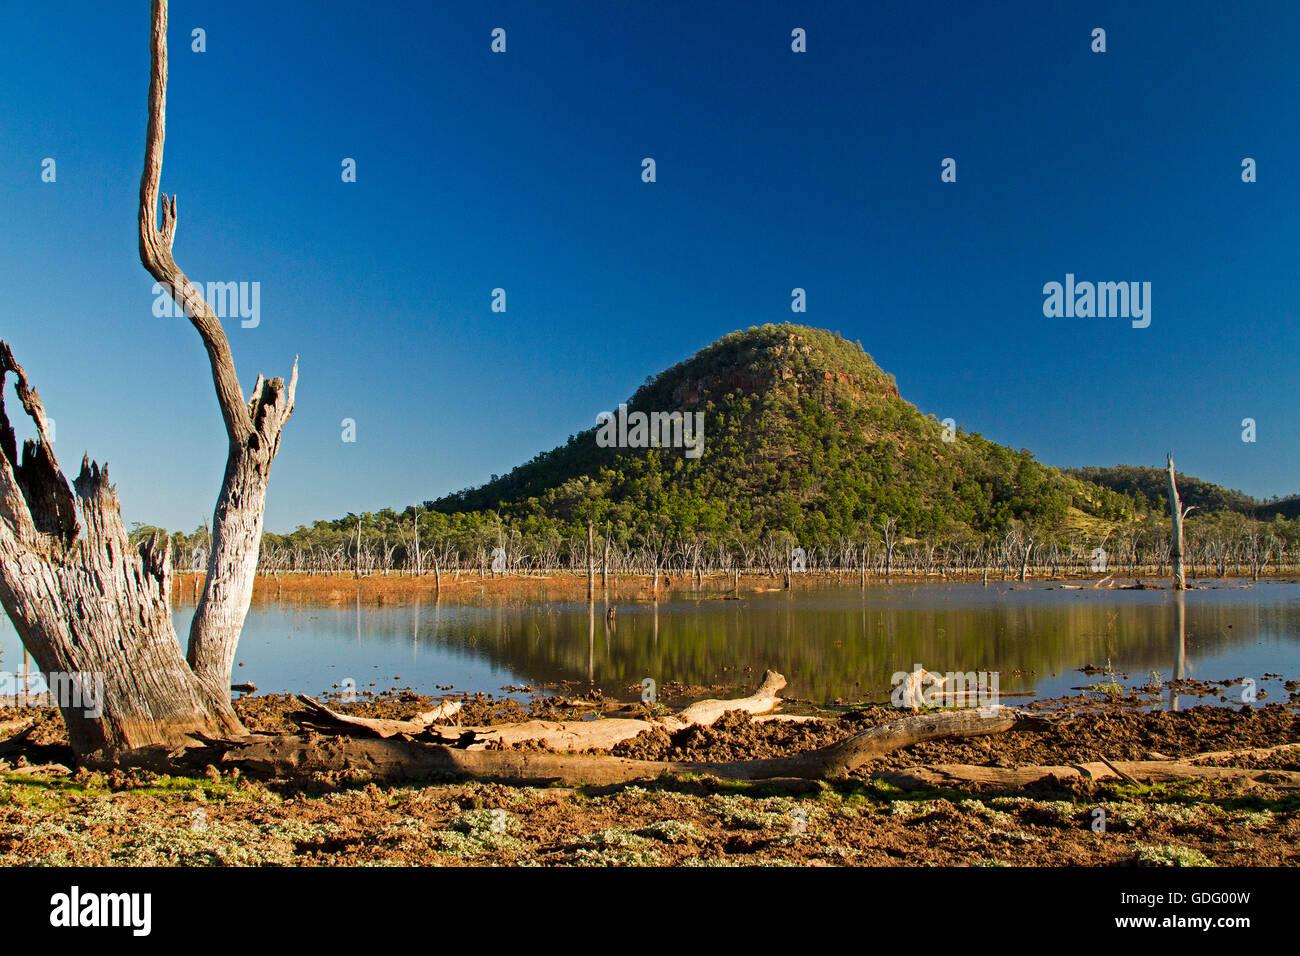 See Nuga Nuga mit bewaldeten Hügel reflektiert in Spiegelfläche des blauen Wassers unter blauem Himmel Stockbild